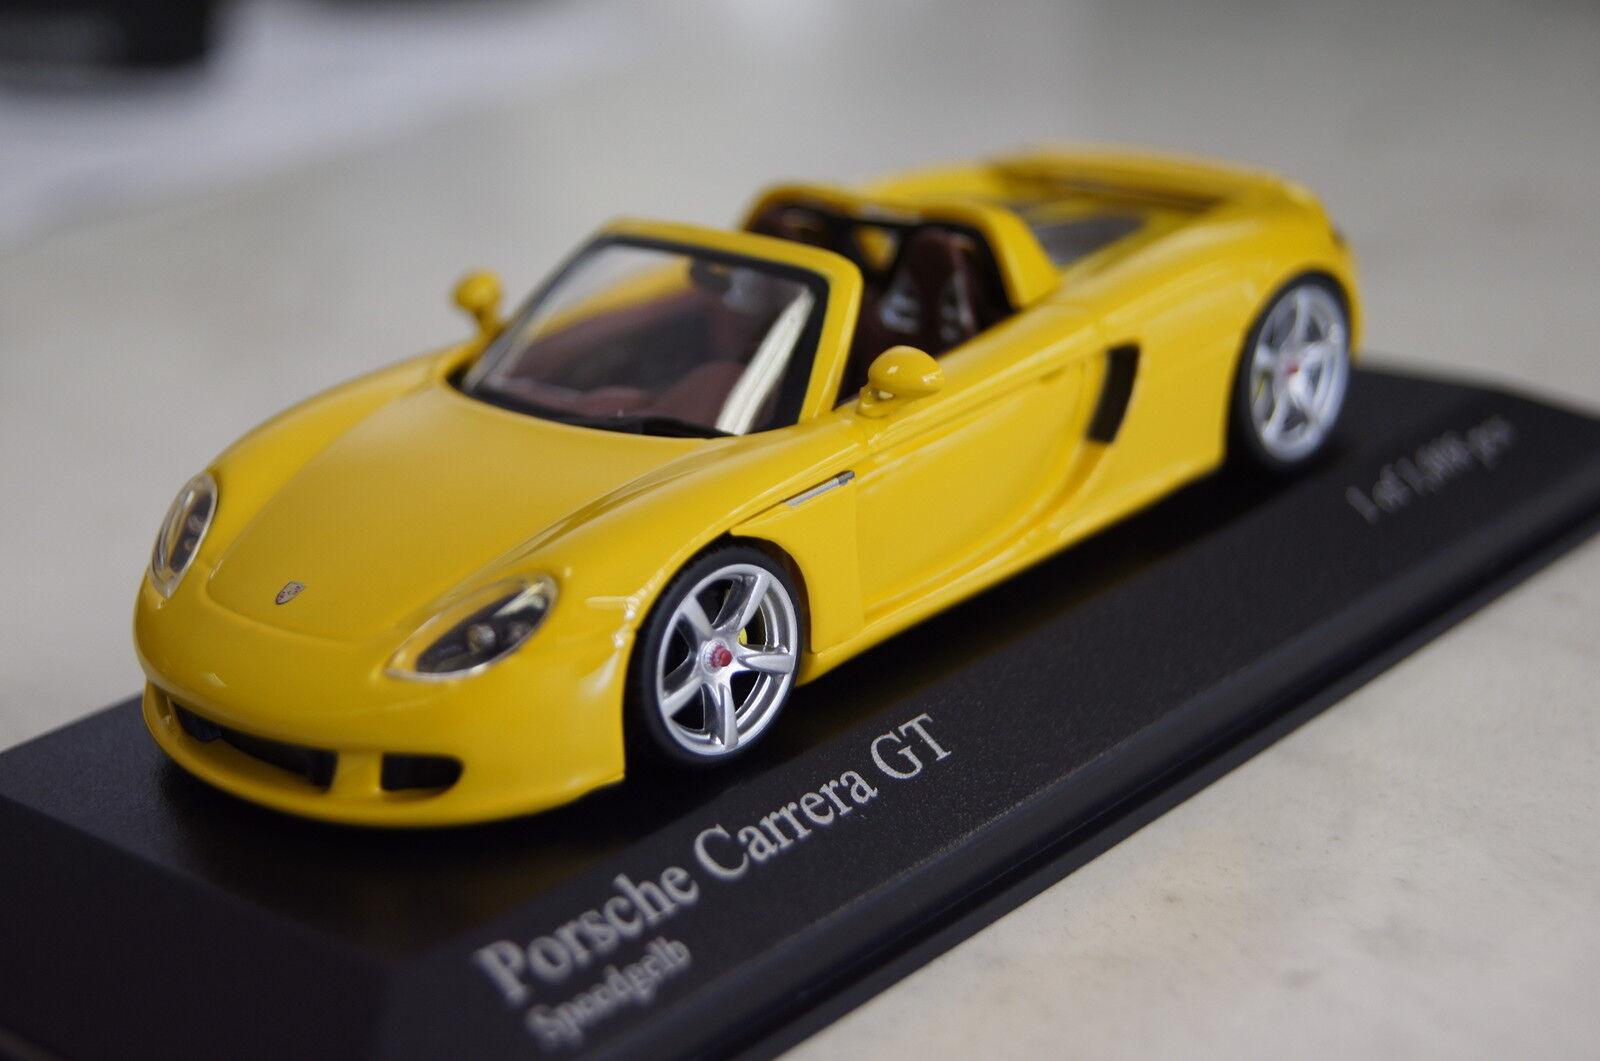 Porsche Carrera GT 2003 yellow 1 43 43 43  Minichamps neu & OVP 400062634 f51029